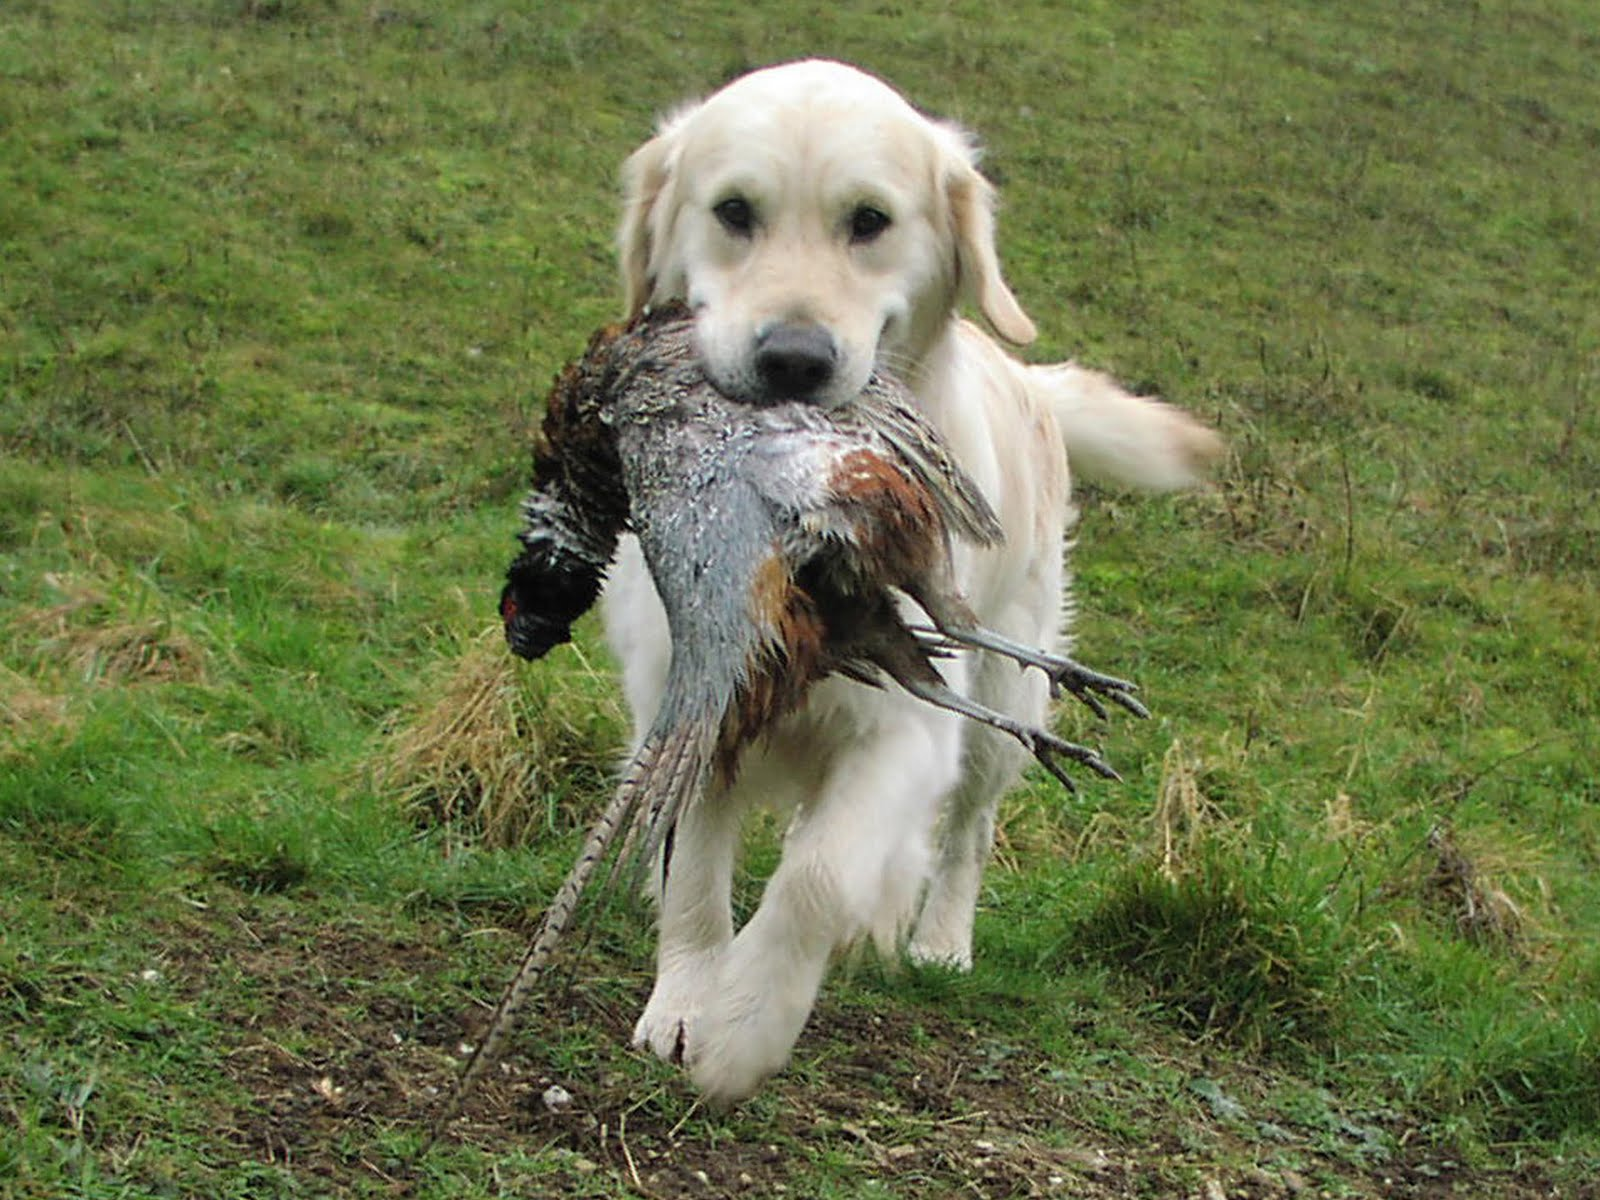 http://1.bp.blogspot.com/_nEmB3Z5F5EM/S62HYfYs0EI/AAAAAAAAIMQ/Q3kJKhIvRpc/s1600/Labrador_Hunting.jpg